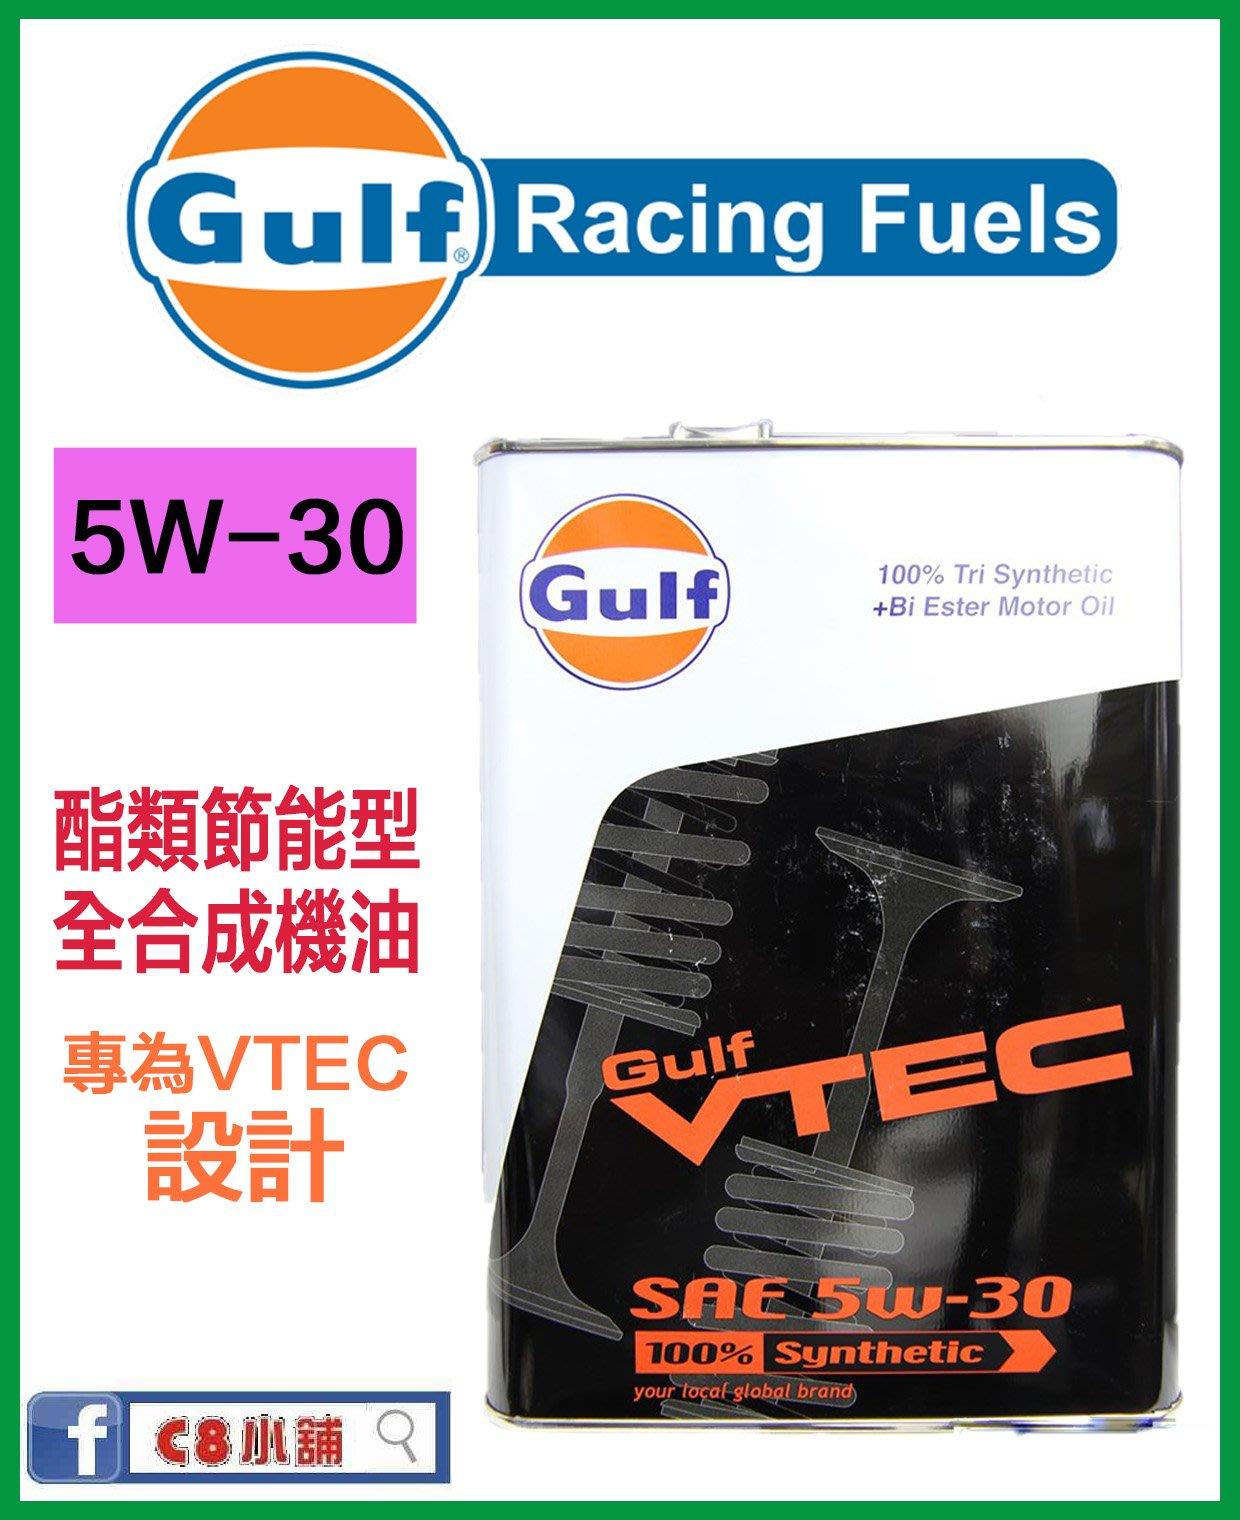 含發票 GULF  海灣 VTEC HONDA  本田 VTEC 5W30 5W-30 最貴的節能型機油 C8小舖